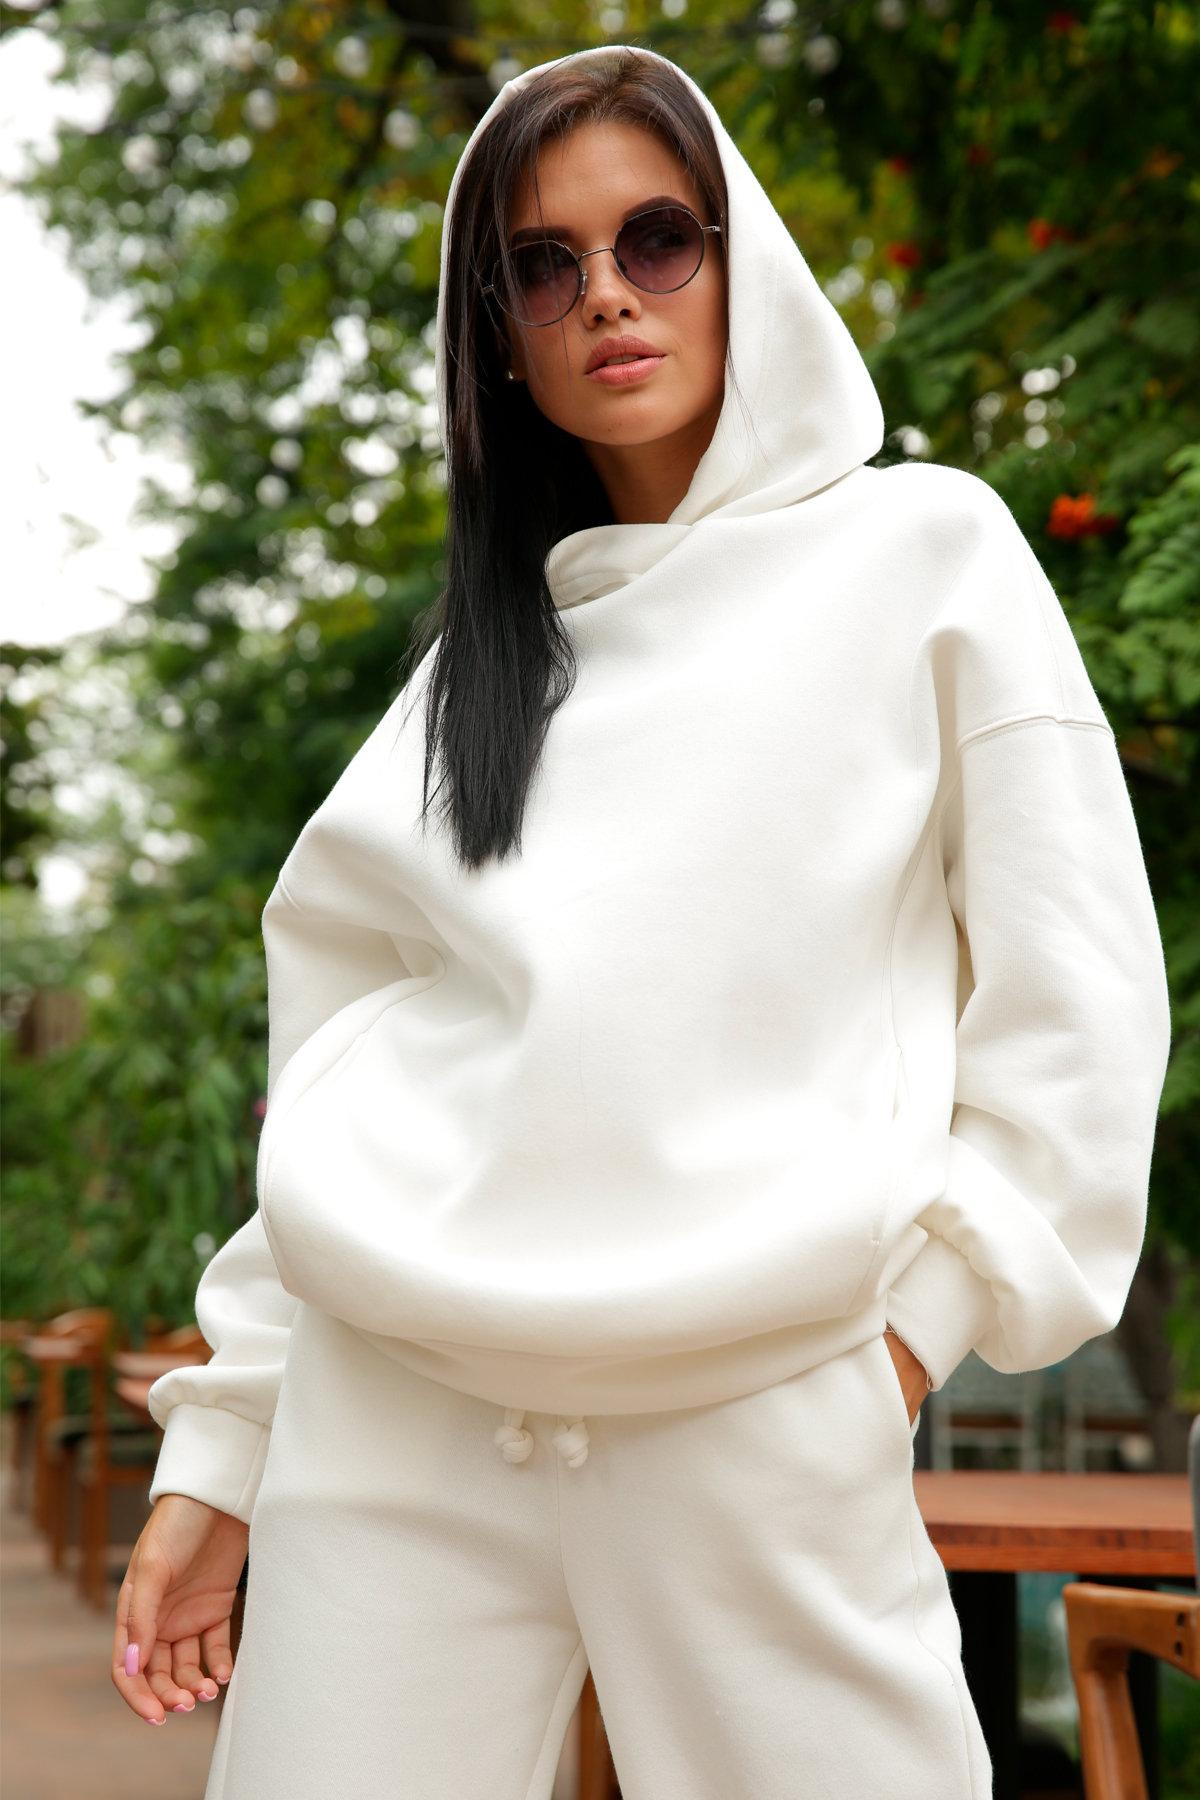 Марион костюм в  стиле Oversize  3х нитка 9651 АРТ. 46045 Цвет: Молоко - фото 10, интернет магазин tm-modus.ru